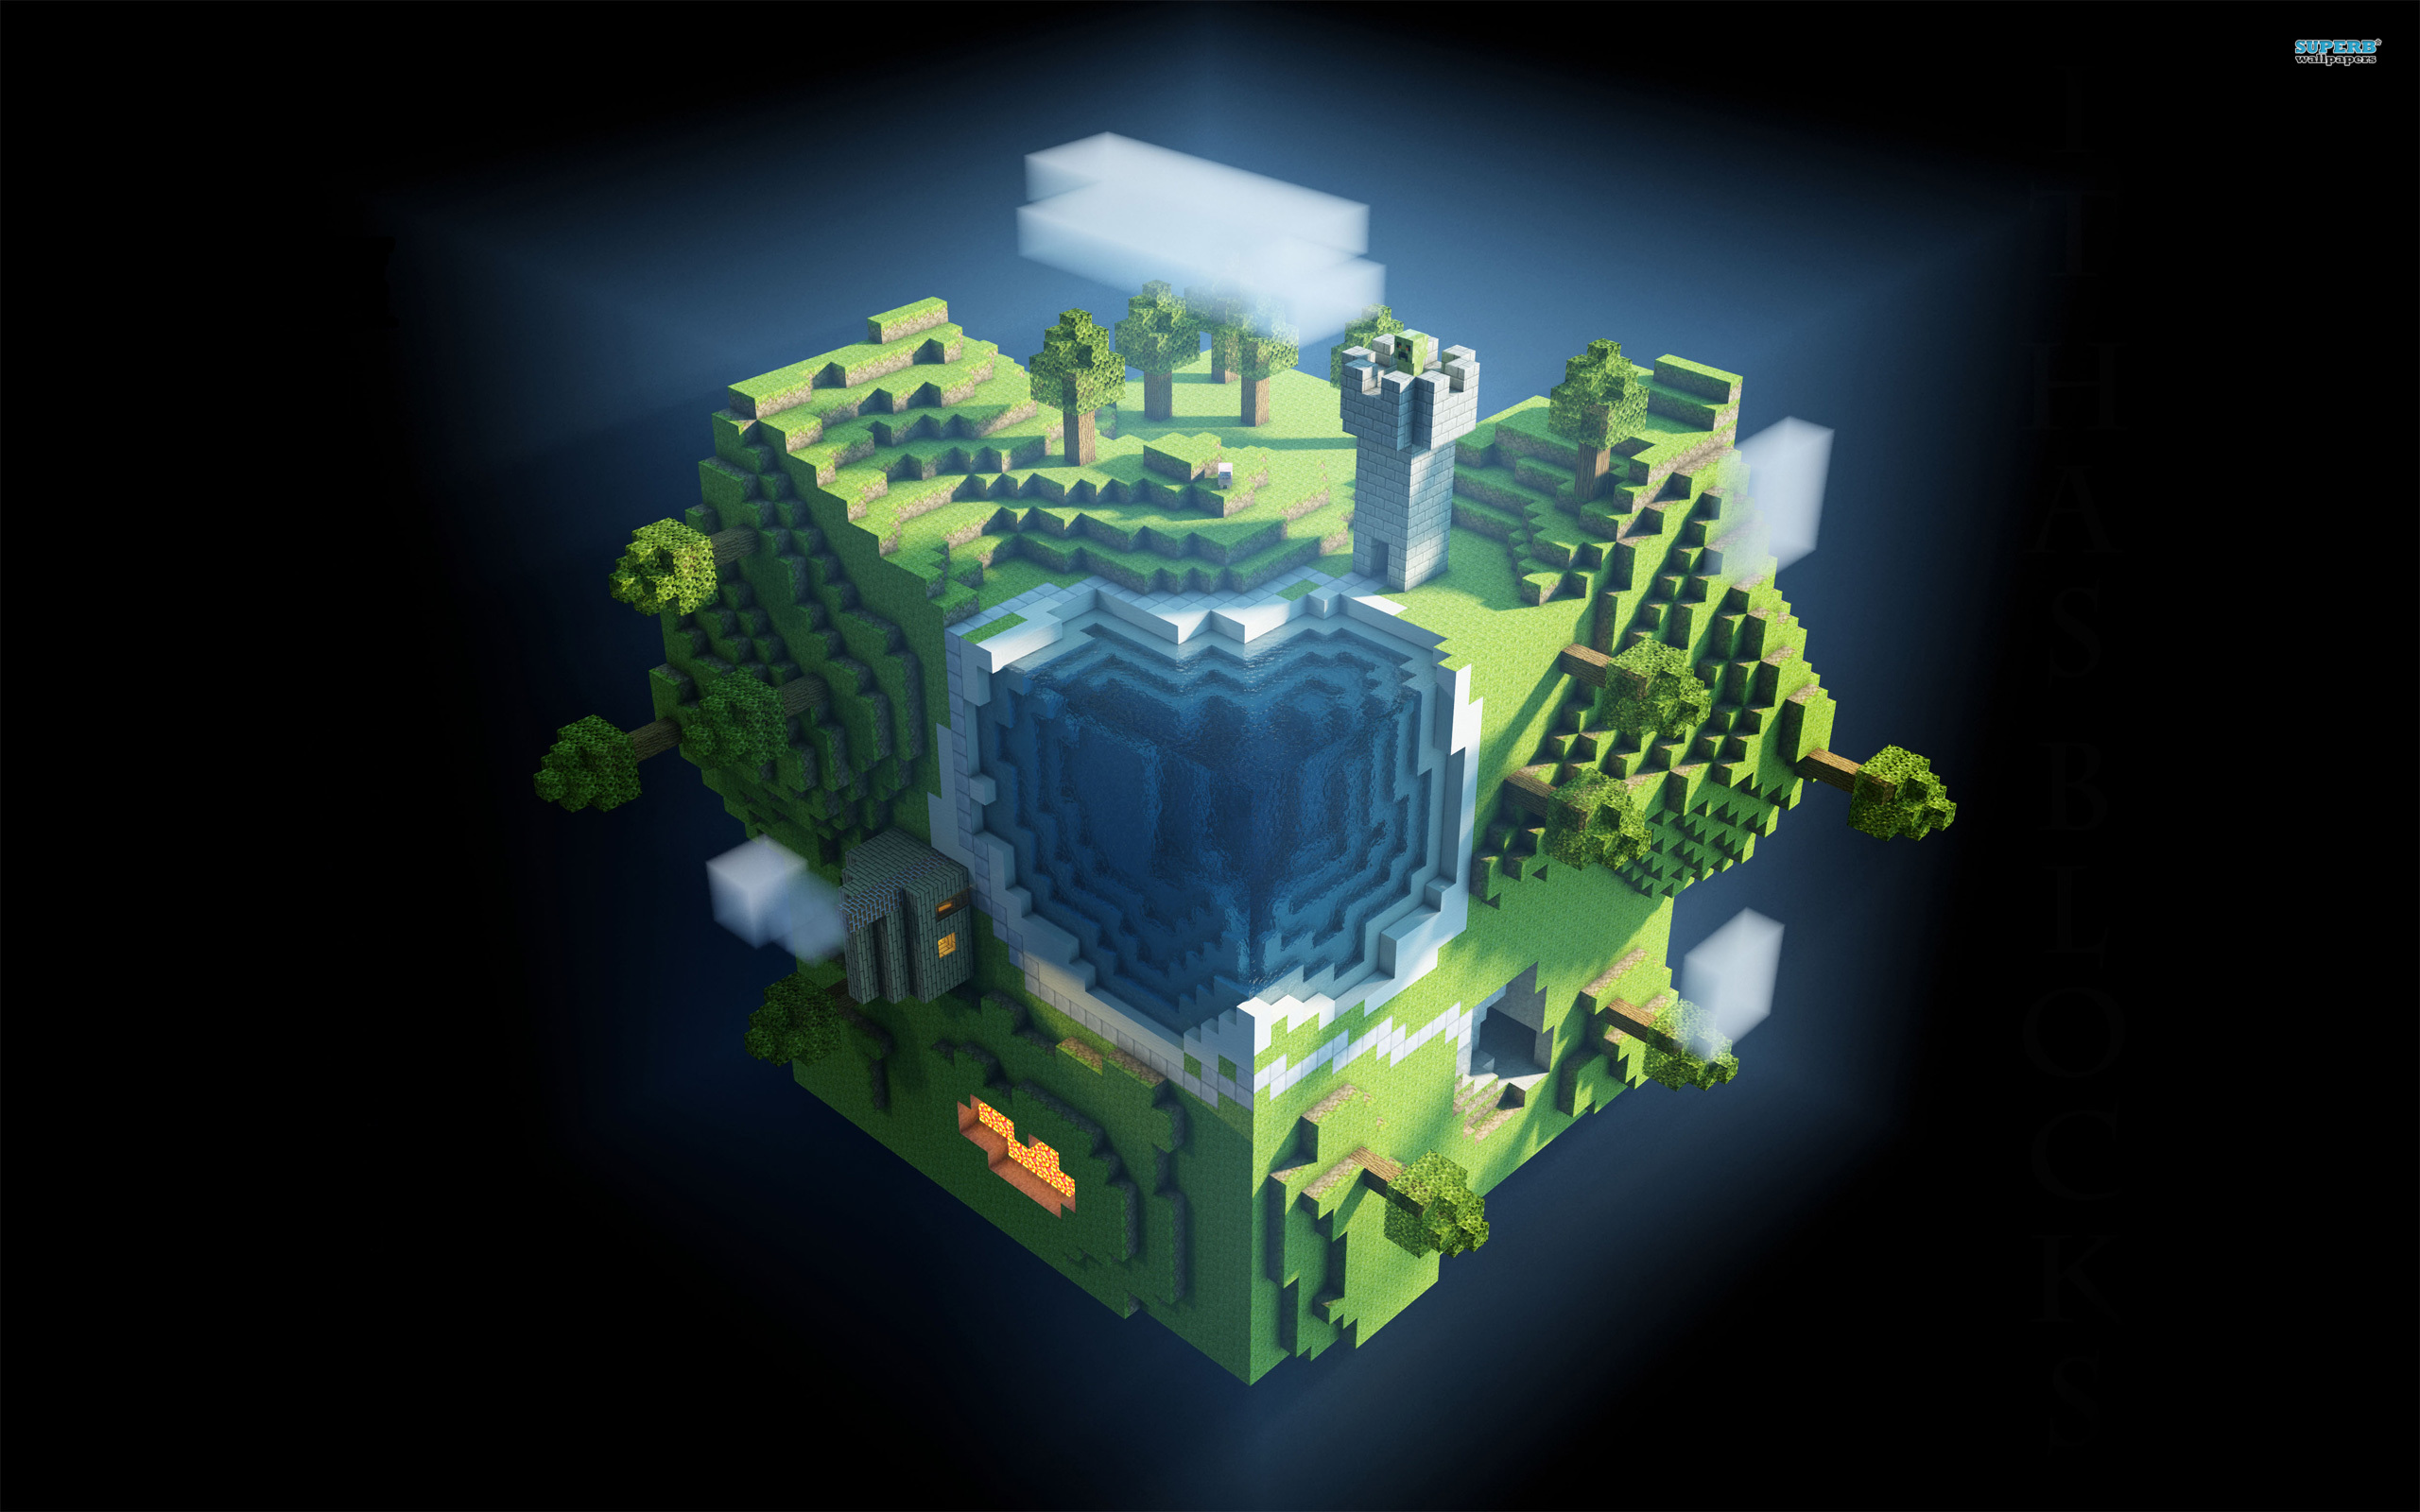 minecraft photos download minecraft backgrounds download minecraft 2560x1600